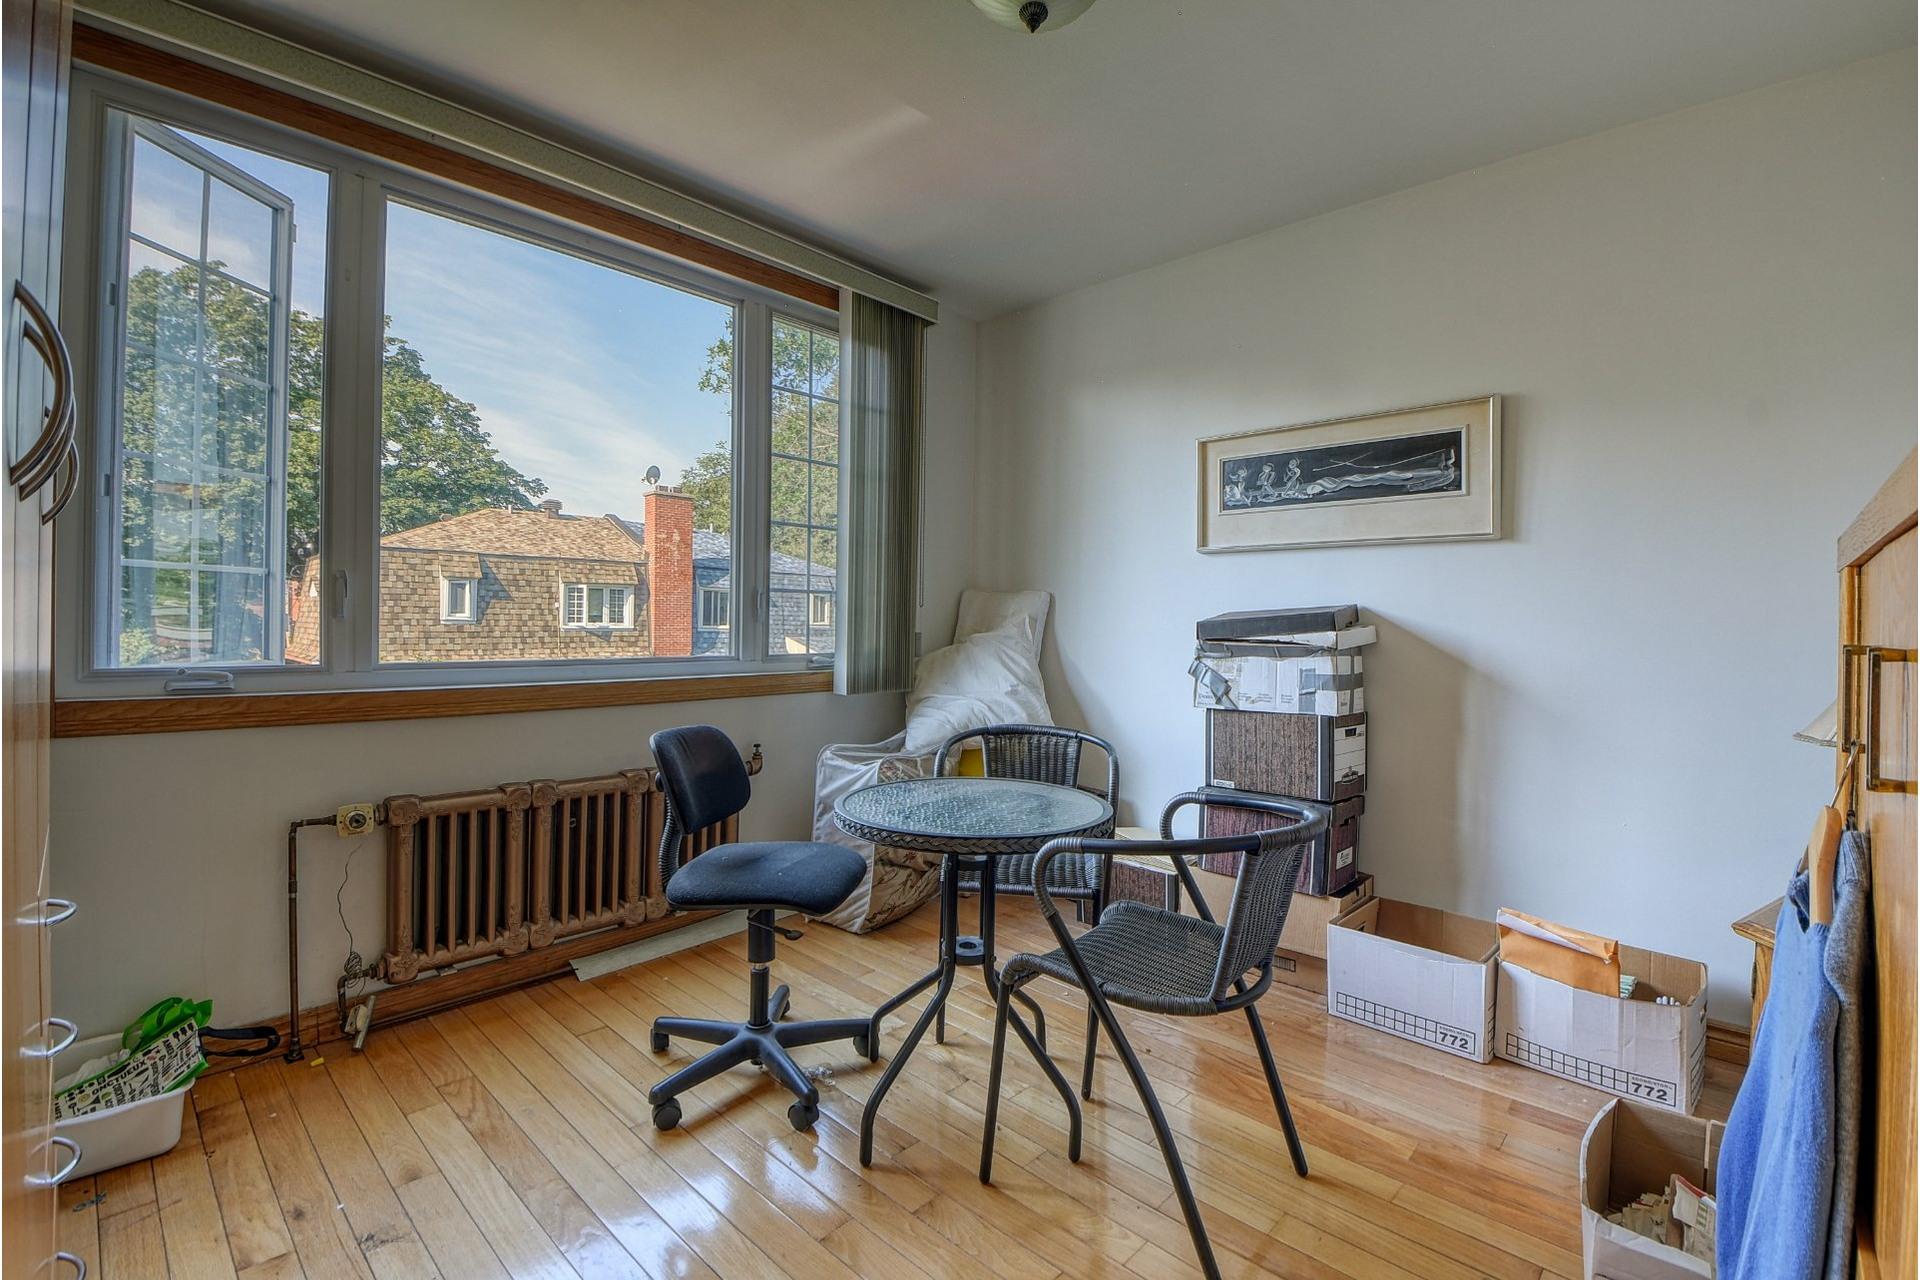 image 10 - Apartment For rent Côte-des-Neiges/Notre-Dame-de-Grâce Montréal  - 6 rooms